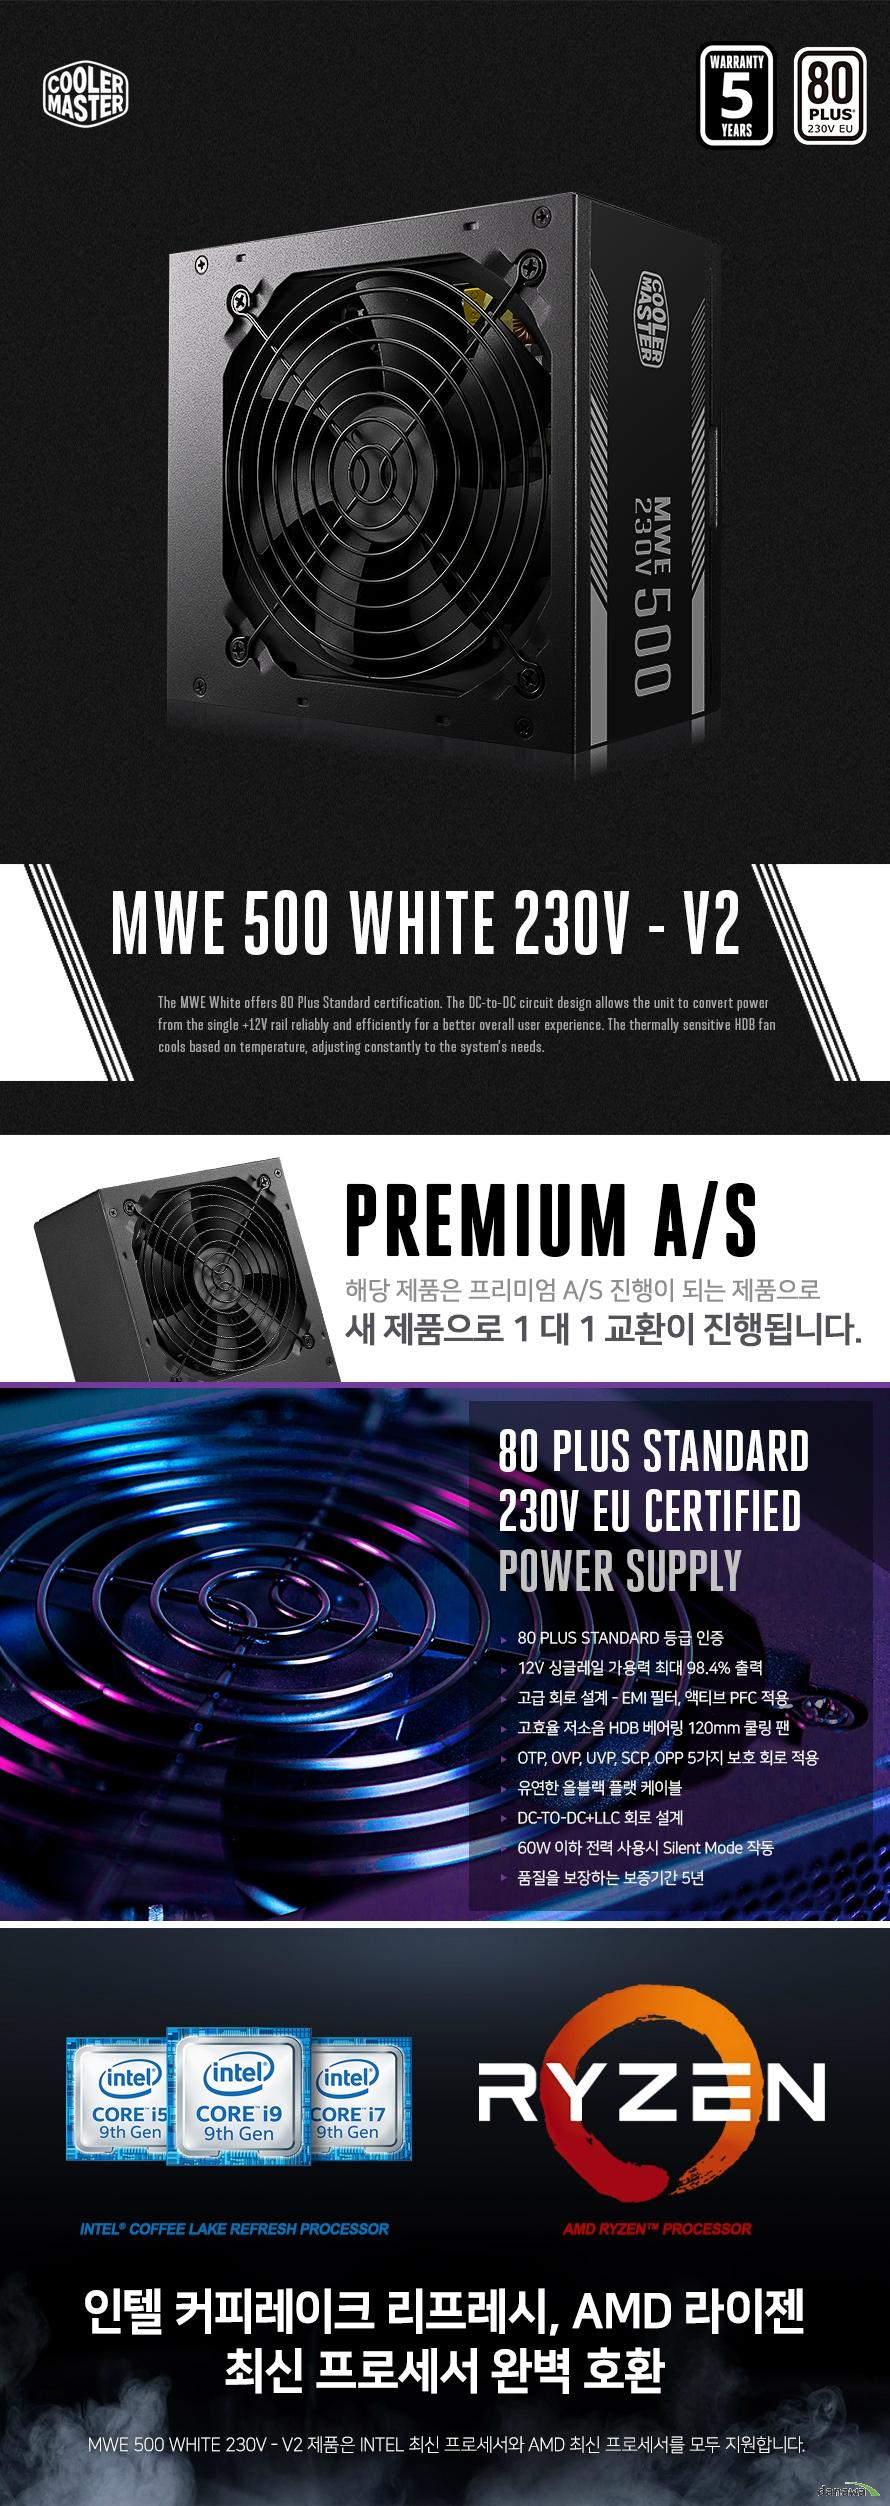 쿨러마스터 MWE 500 WHITE 230V V2